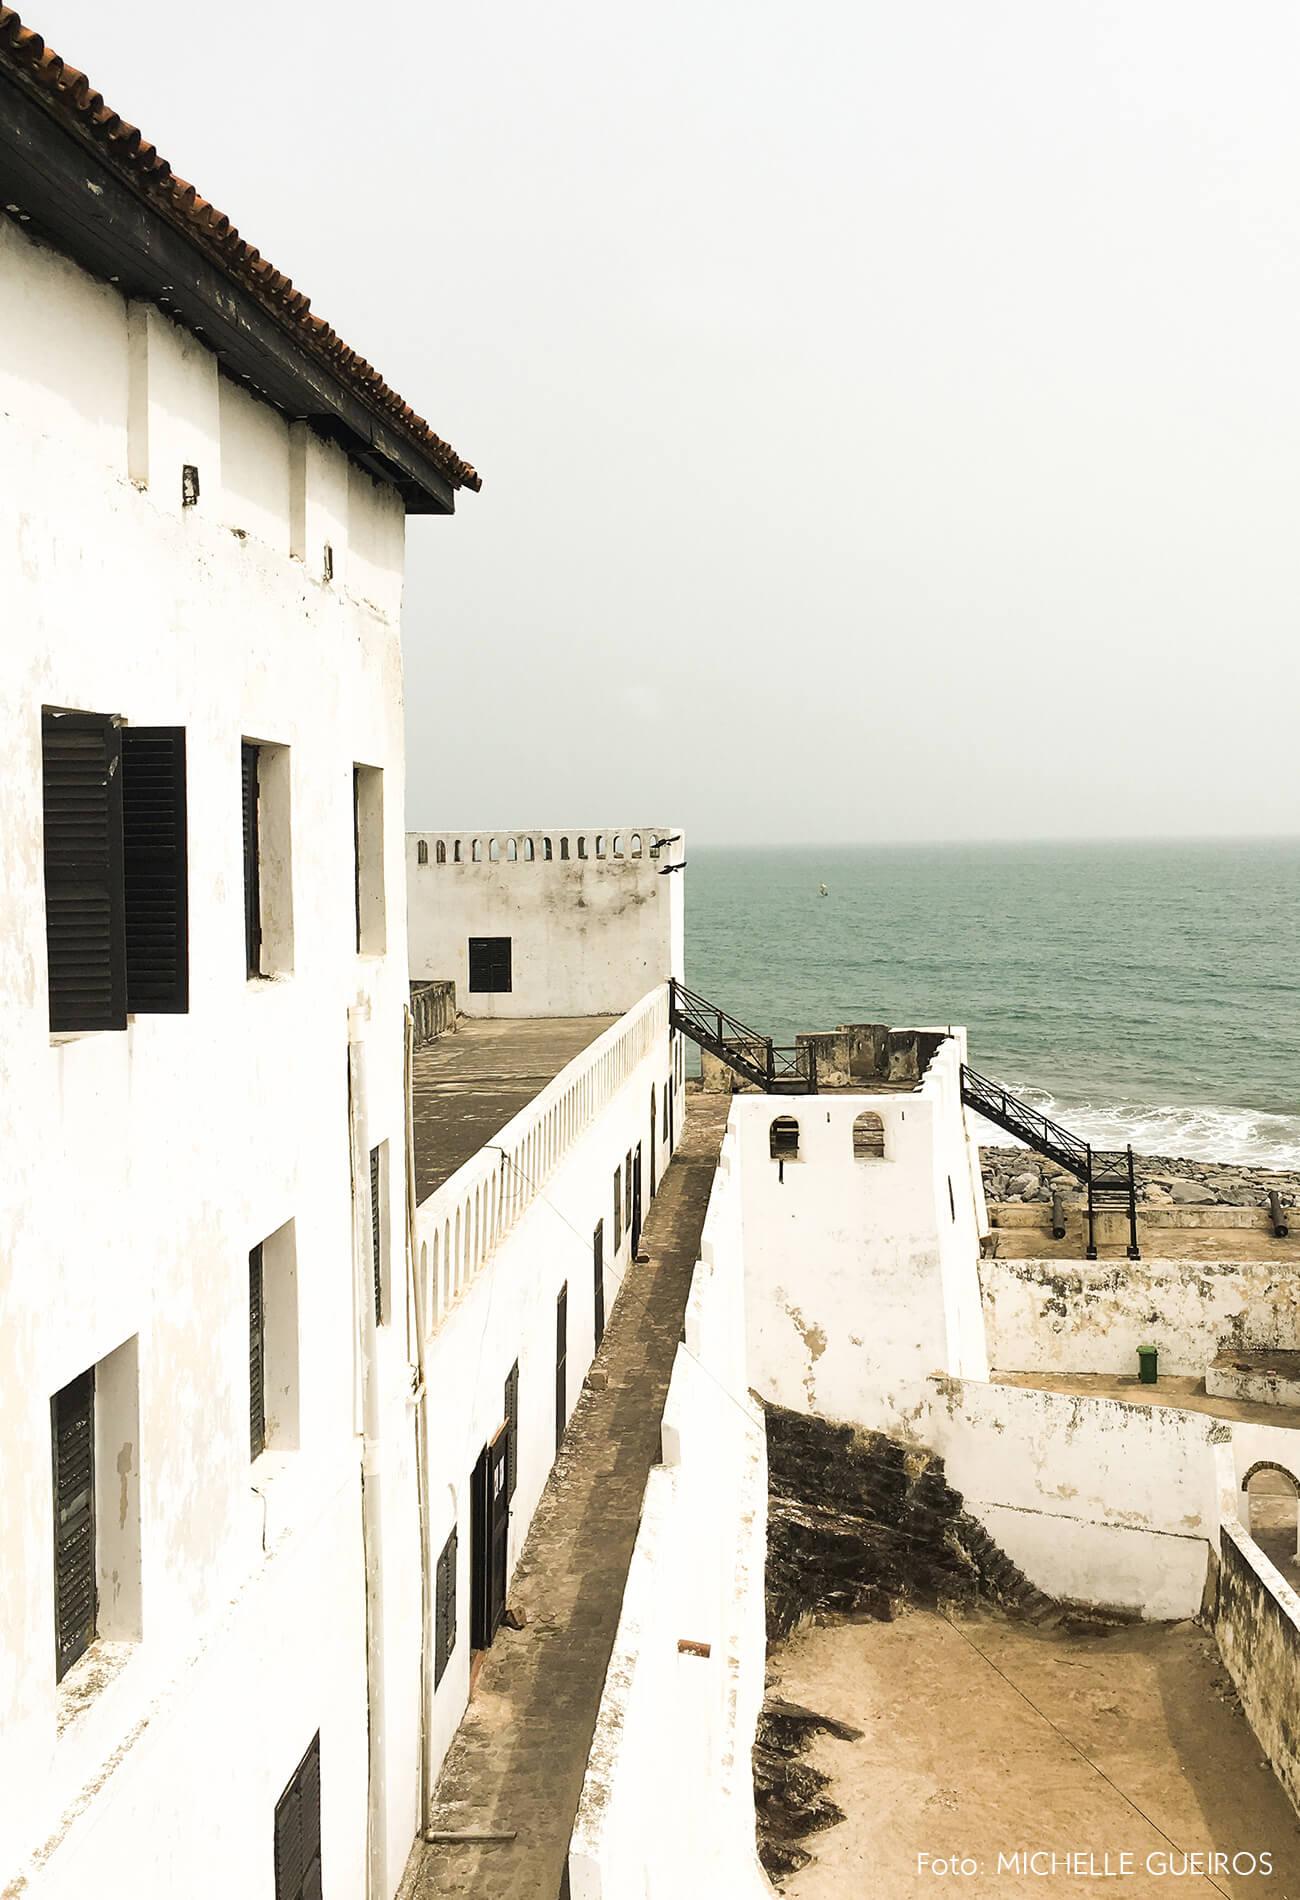 Gana viagem Castelo praia arquitetura